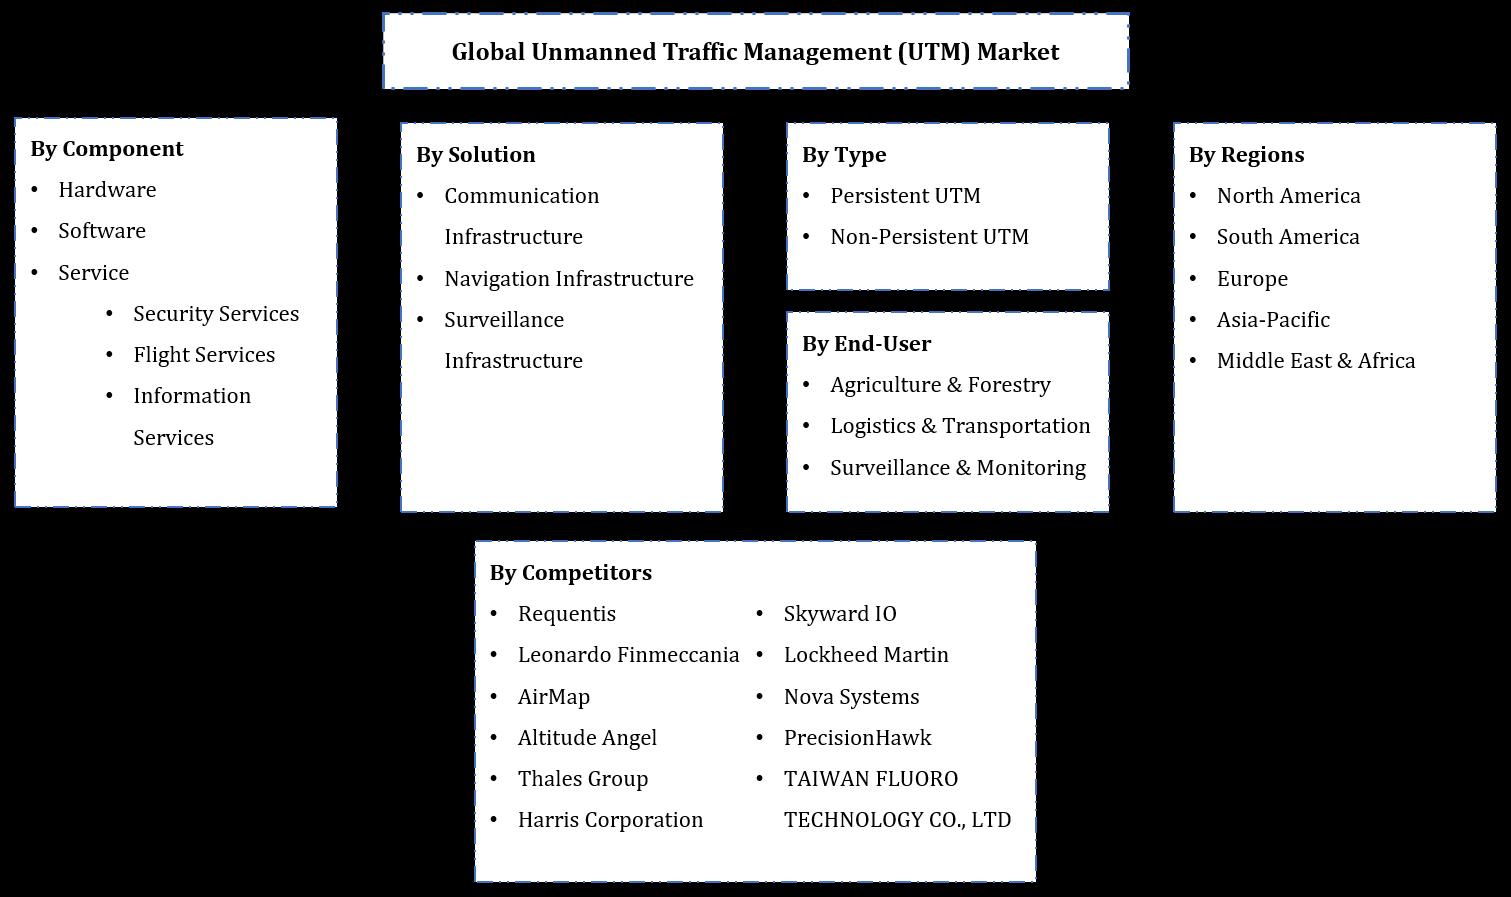 Global Unmanned Traffic Management (UTM) Market Segmentation